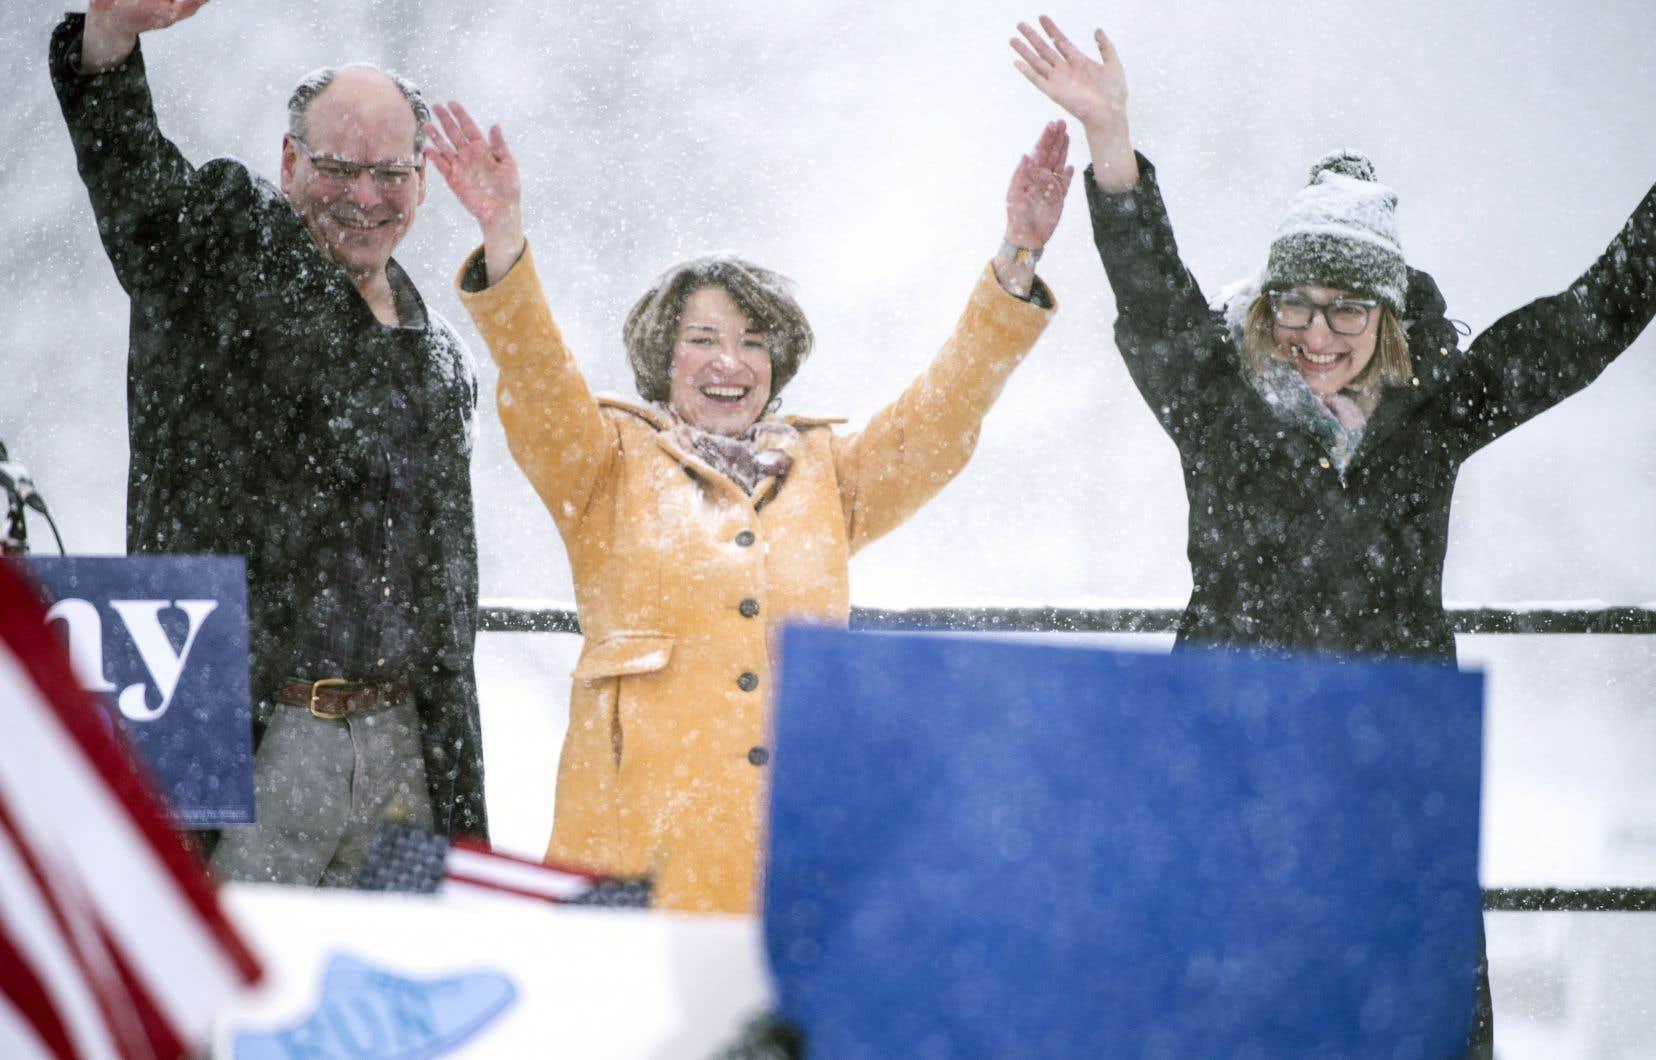 La sénatrice Amy Klobuchar a fait l'annonce de sa candidature accompagnée de son mari, John Bessler (à gauche), et de sa fille, Abigail Bessler (à droite).